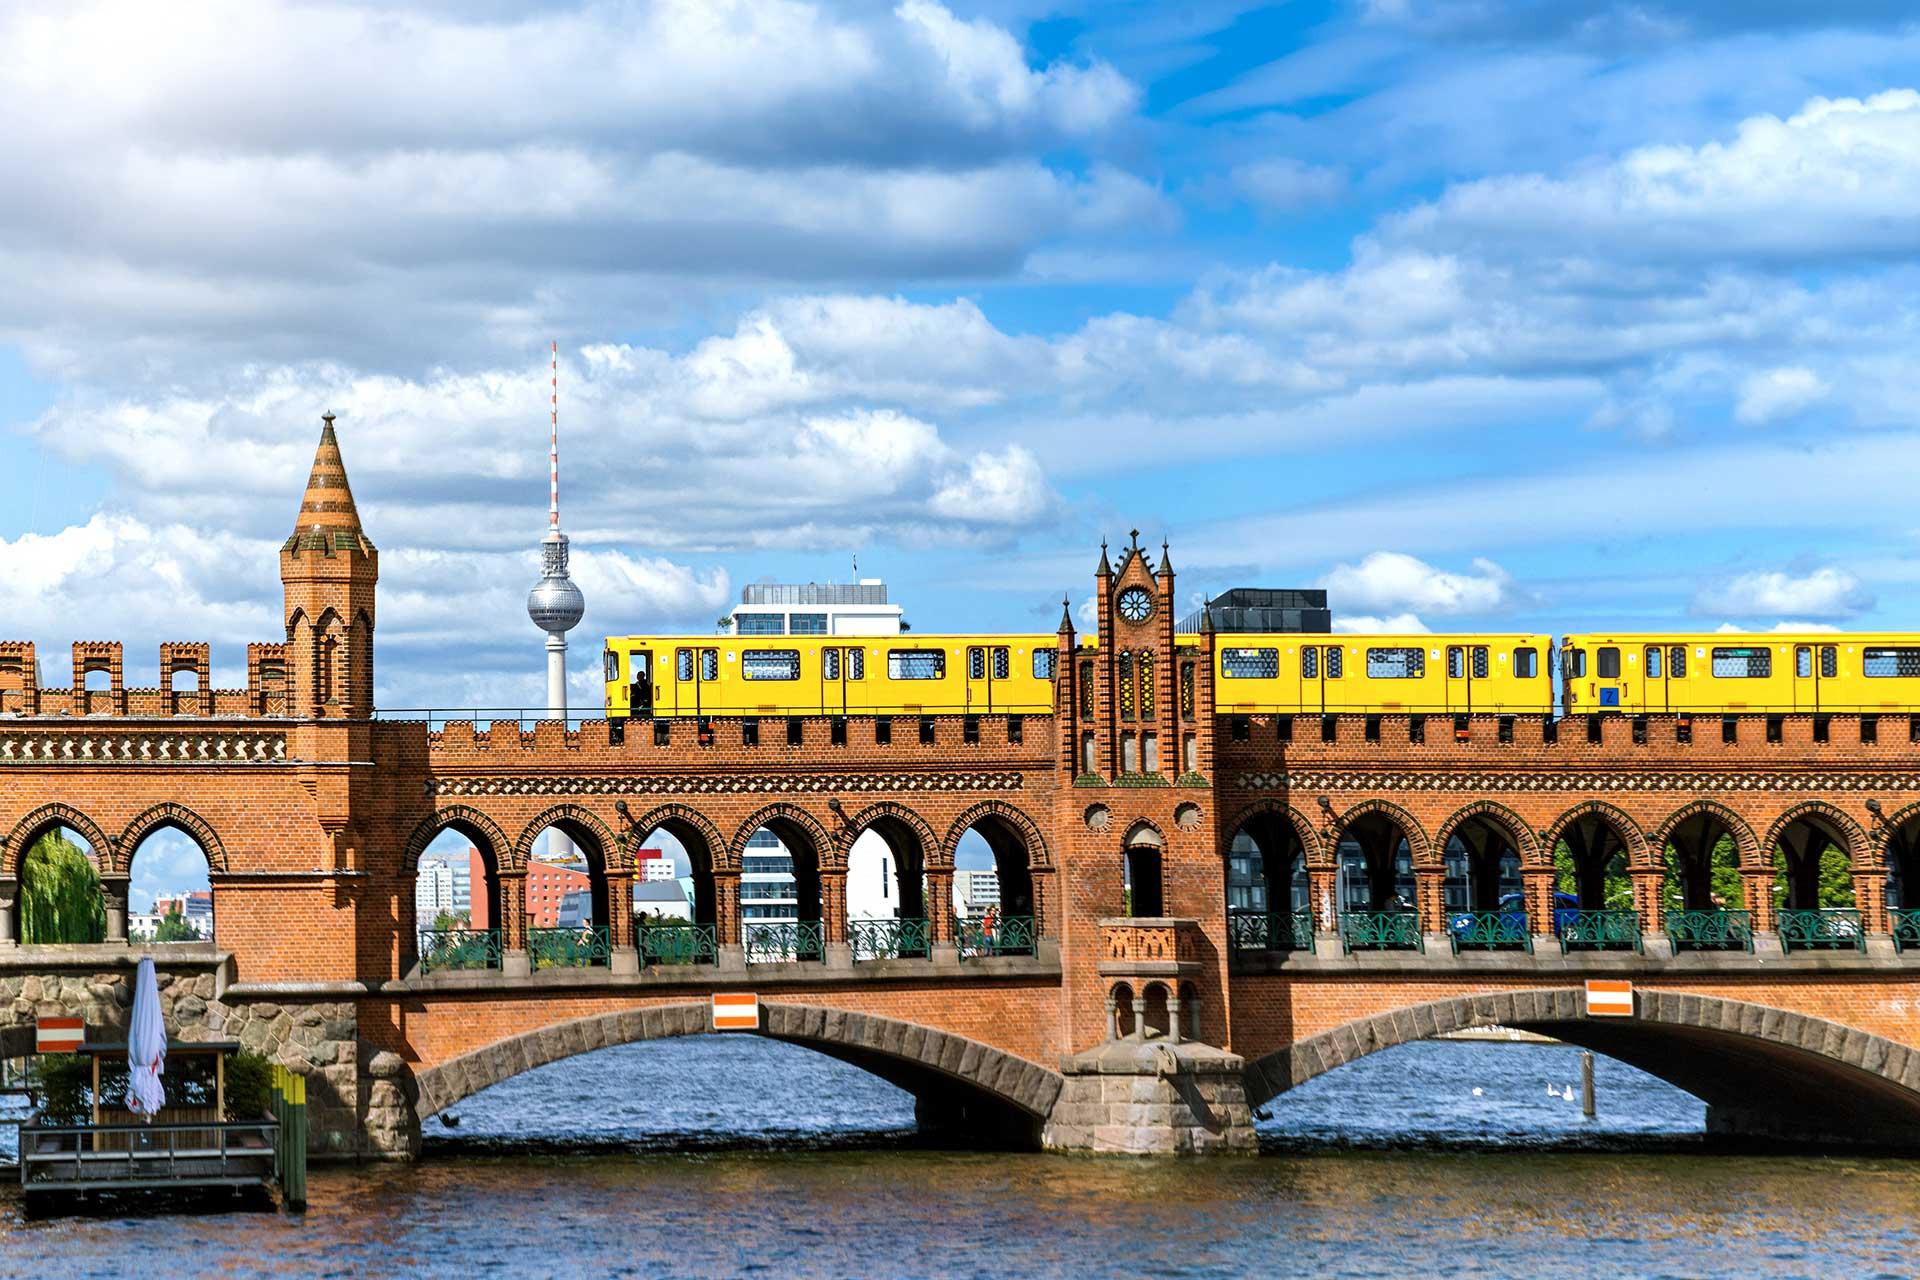 Image representing German